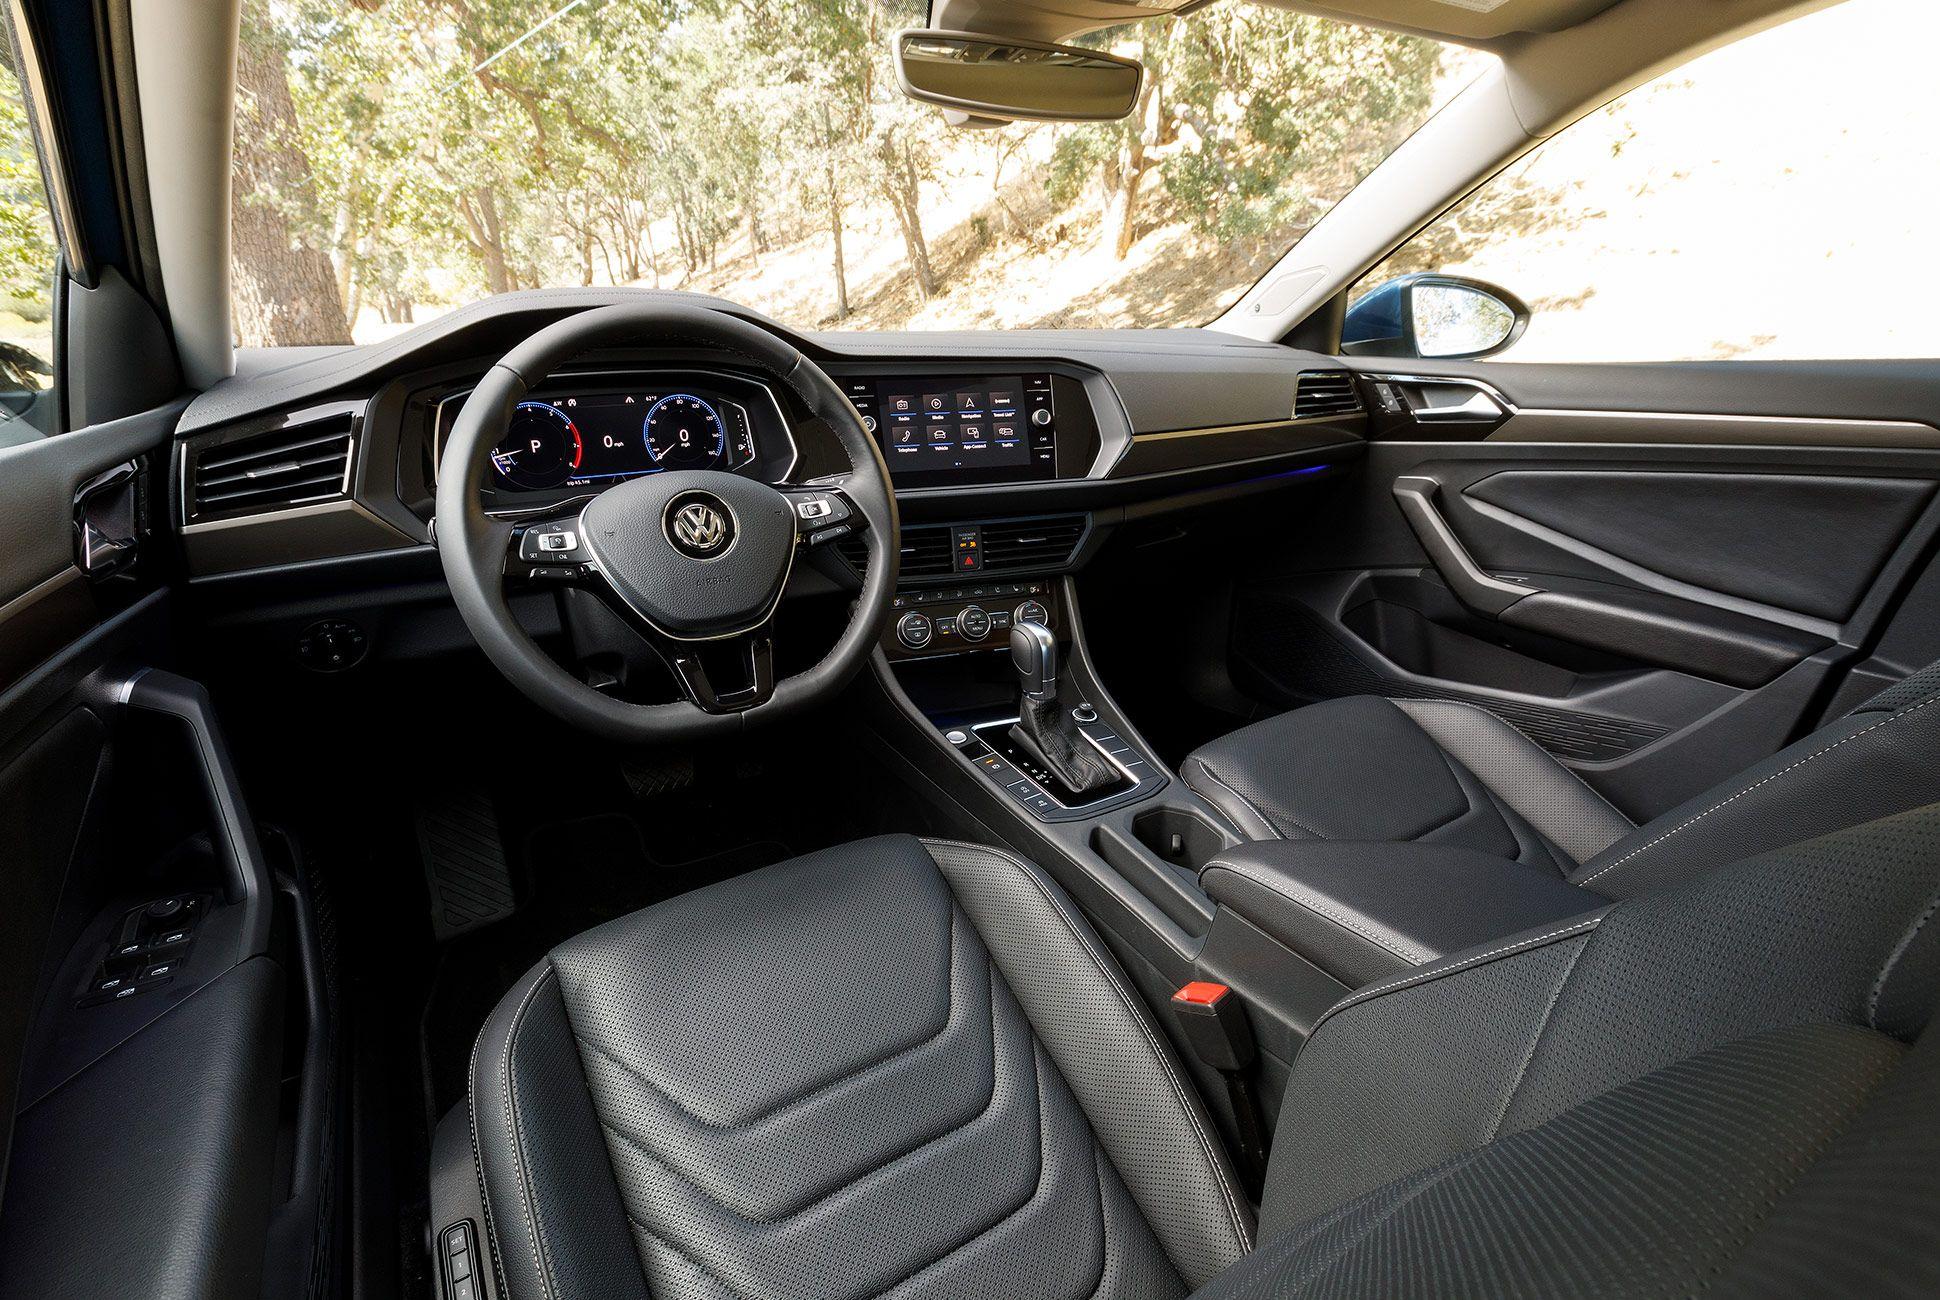 2019-Volkswagen-Jetta-VW-gear-patrol-5